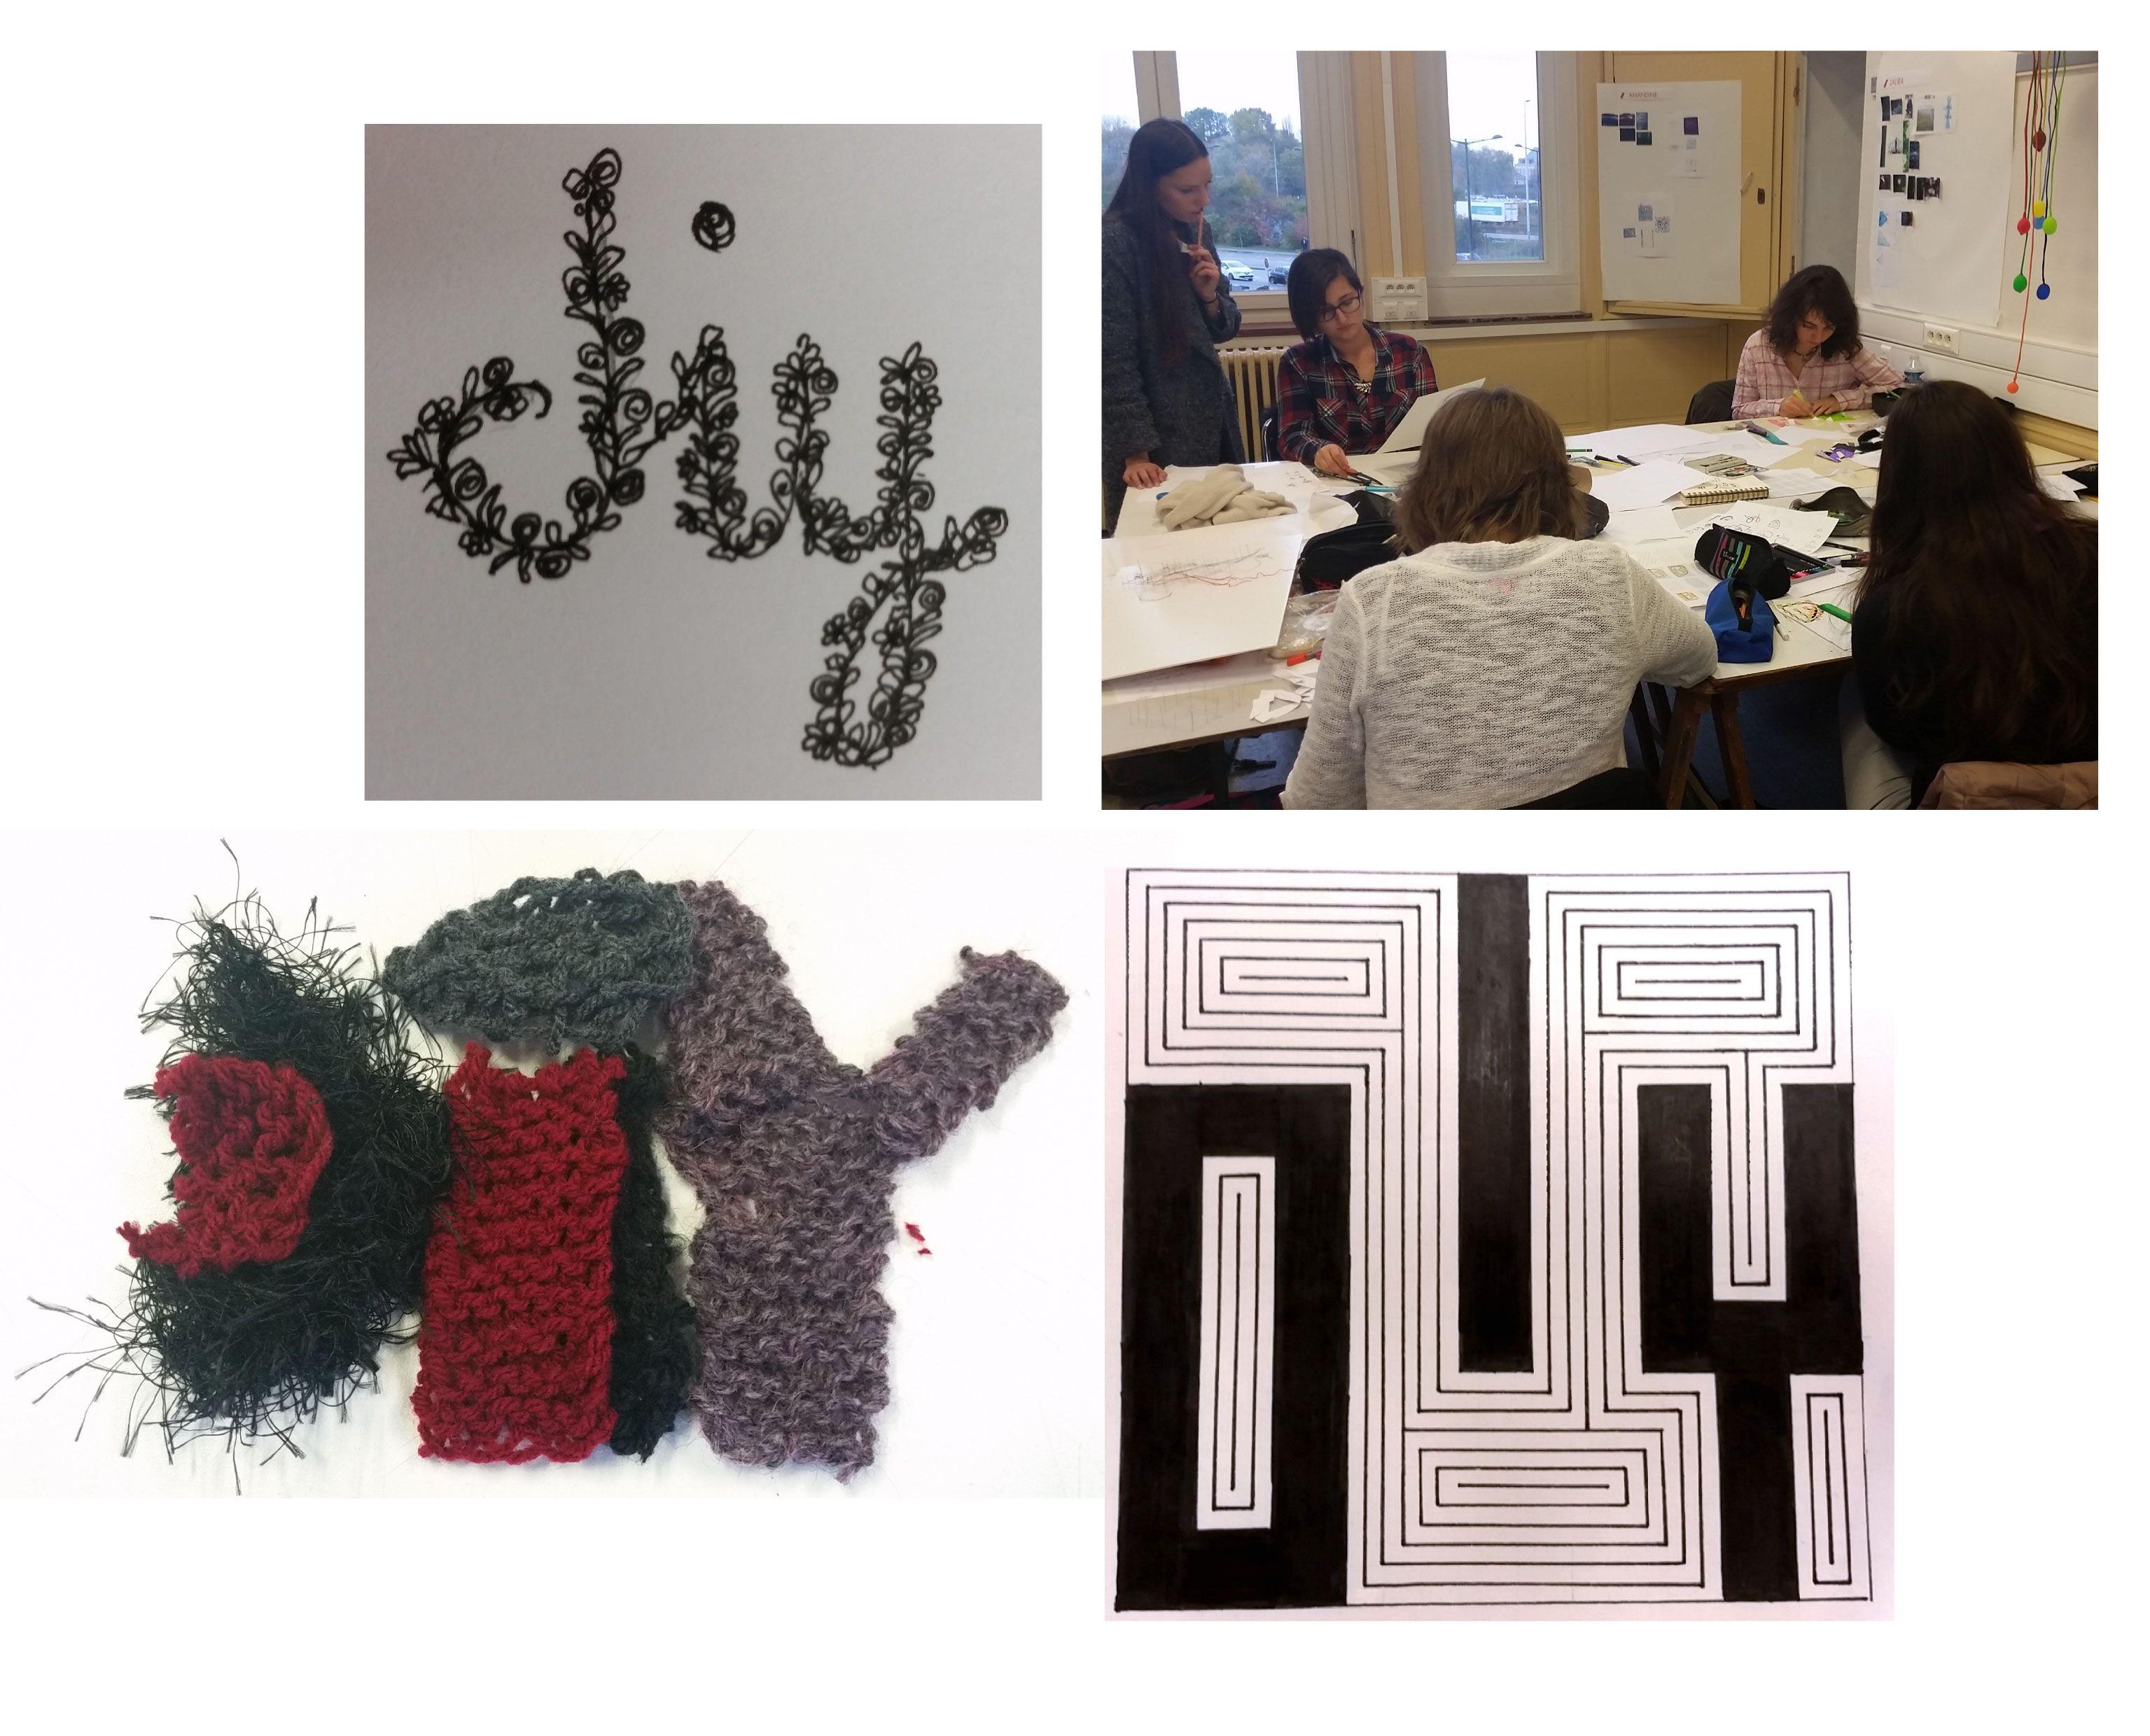 """Rencontre MANAA-DG2 1er jour - Recherches d'un logo-monogramme pour l'identité d'un FabLab """"DIY"""", dans le cadre d'une réflexion sur l'utilisation du monogramme comme élément du langage de marque. Cette rencontre se poursuivra dans un 2e temps sur une réflexion autour du langage de marque et du self-marketing.... histoire à suivre"""